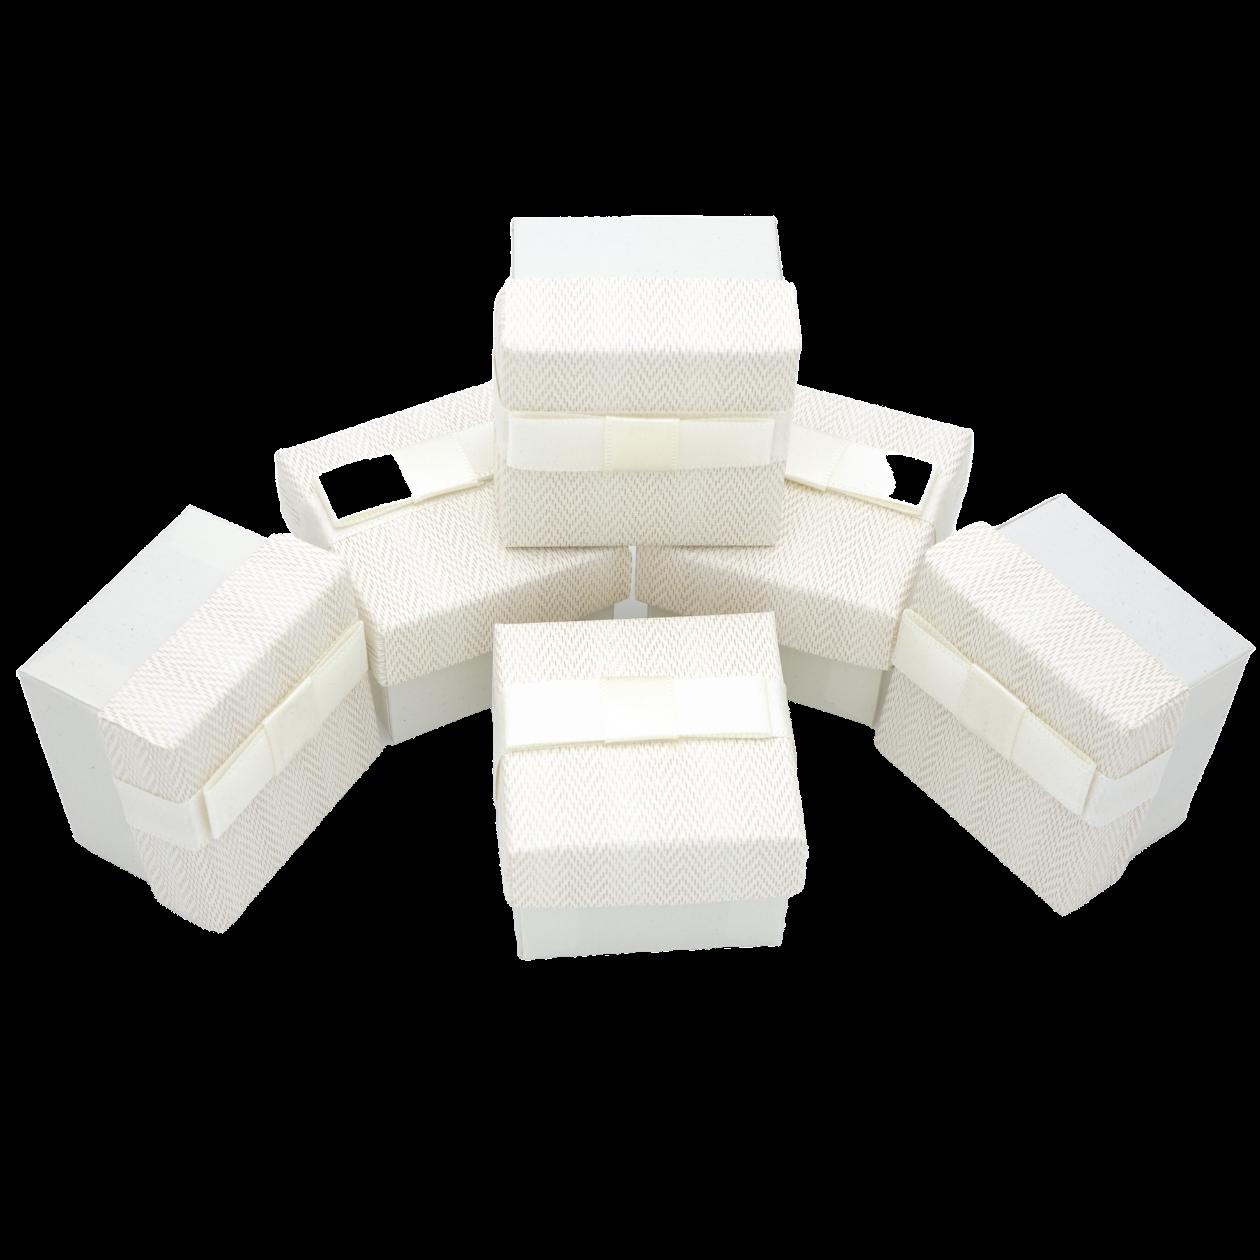 Коробочка для кольца box1-5 Молочный